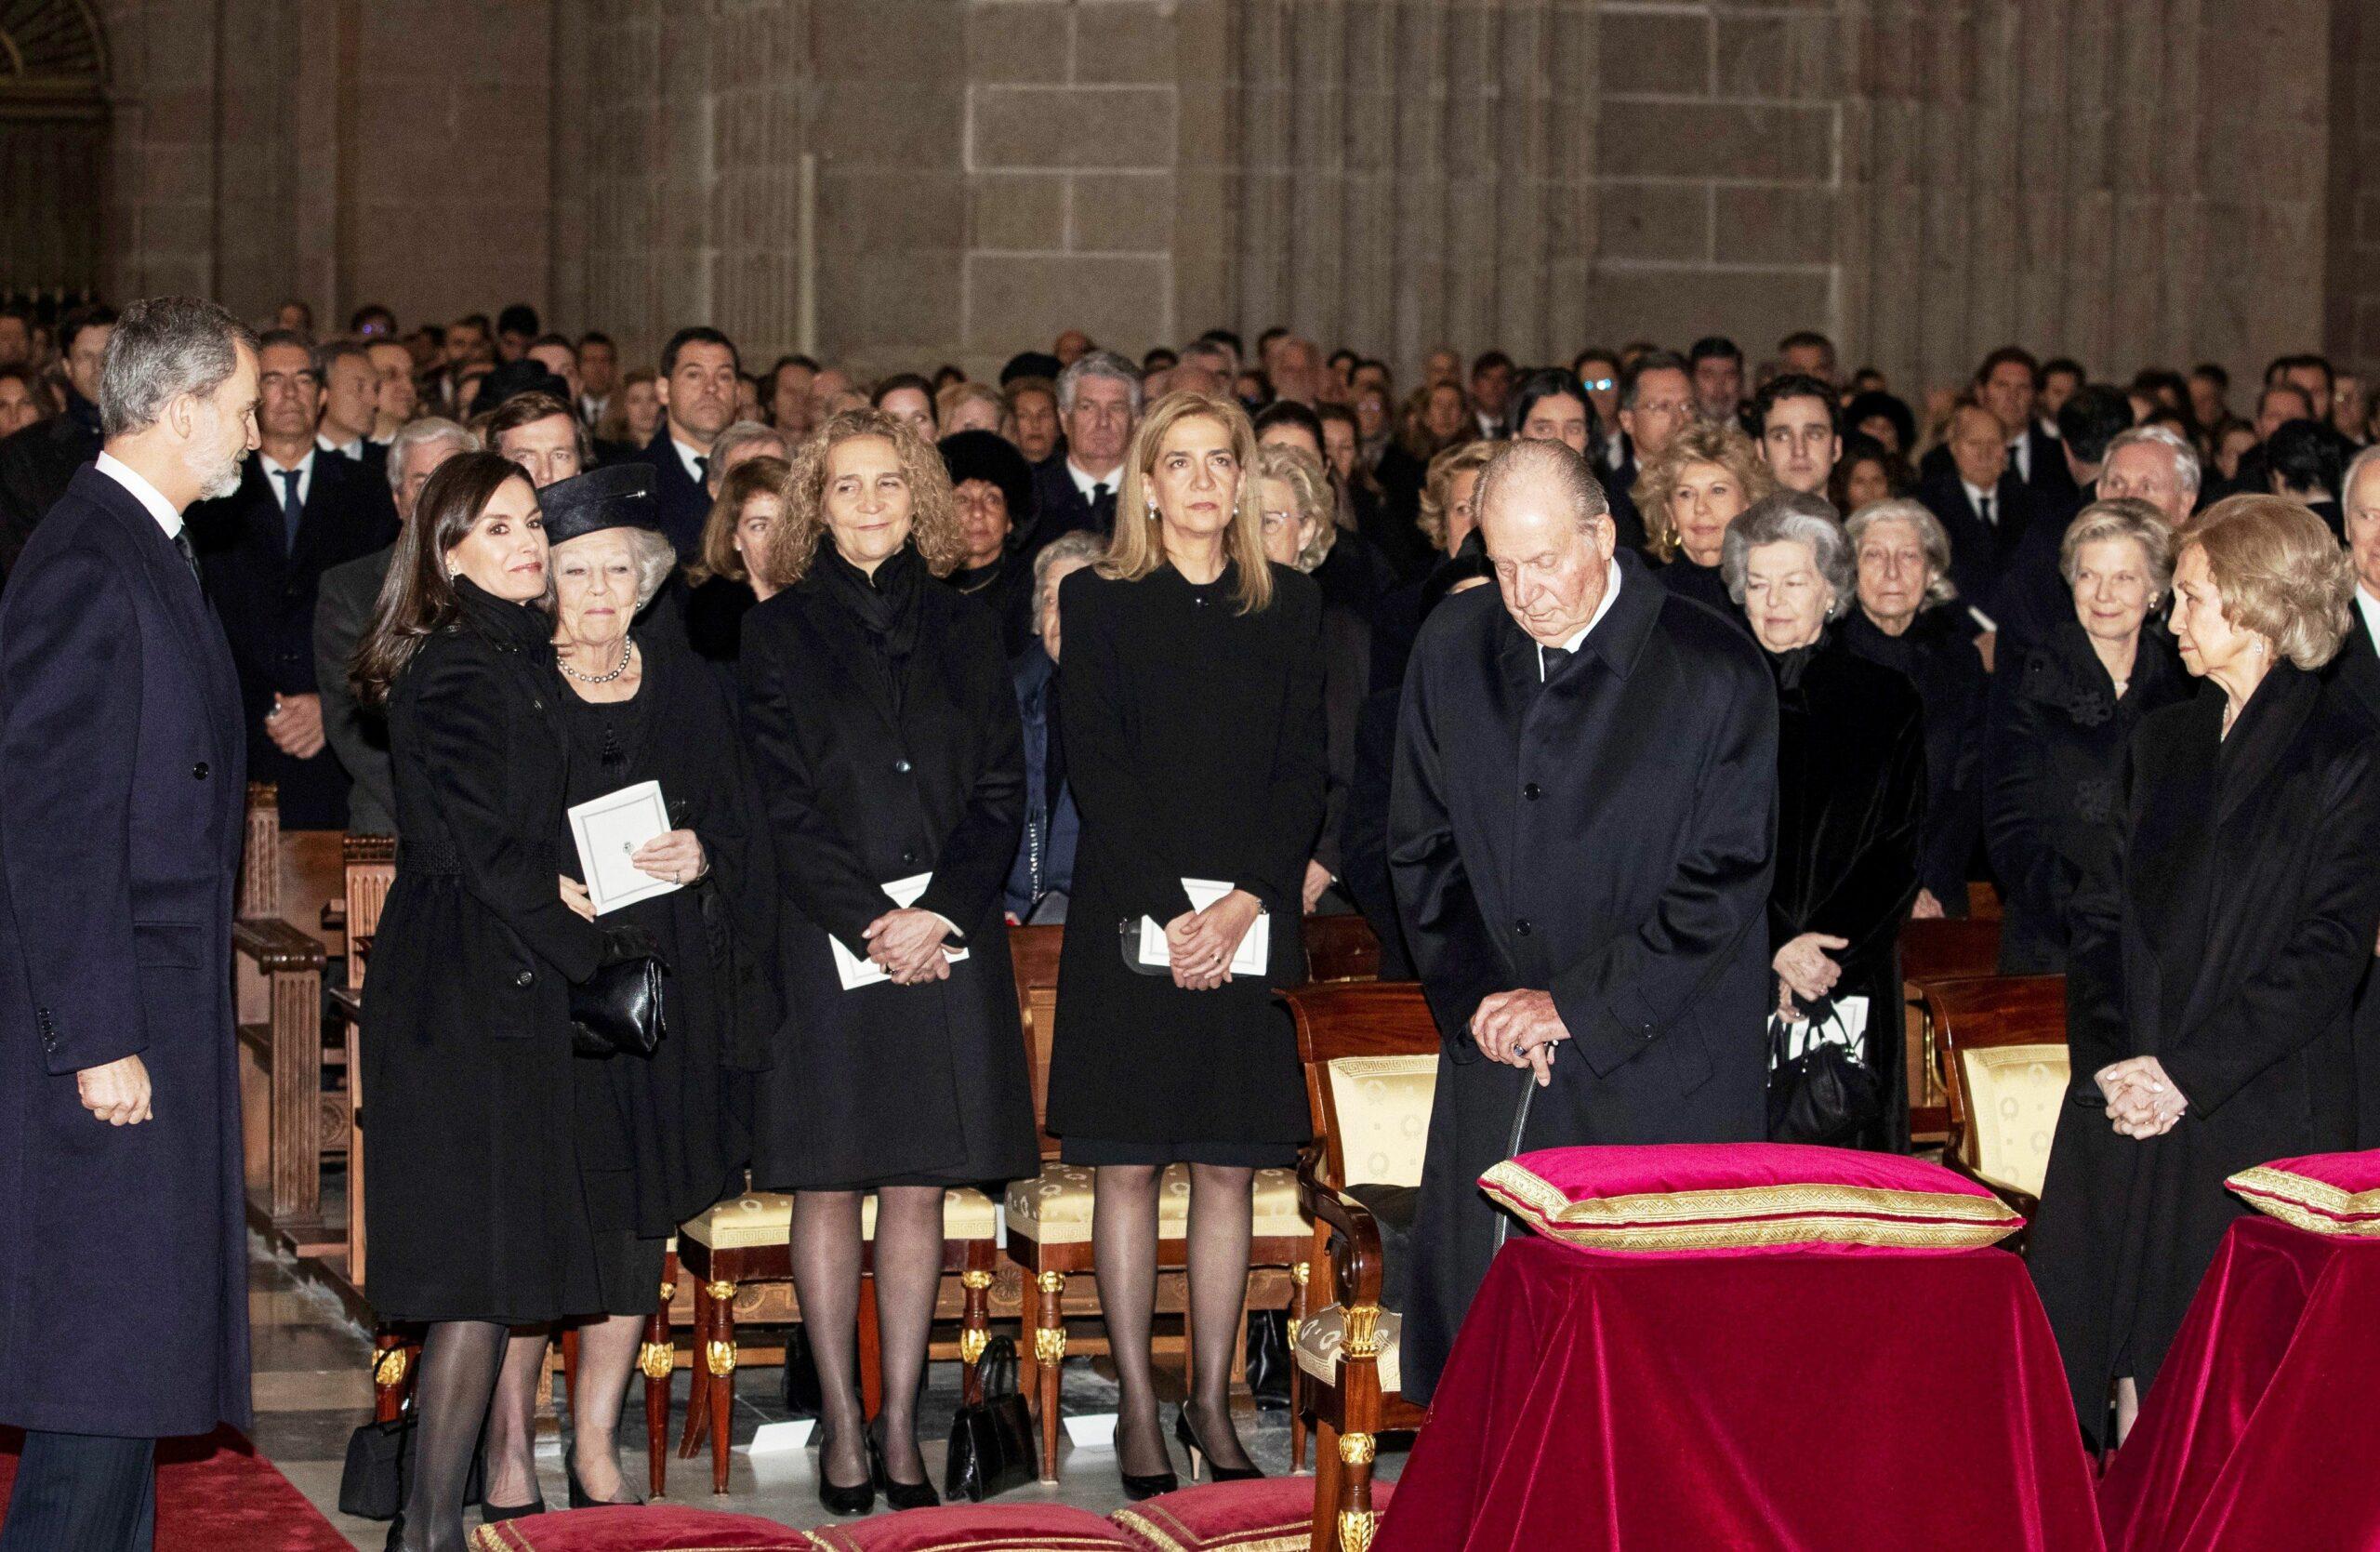 La família reial, distanciada durant el funeral de la infanta Pilar  Europa Press